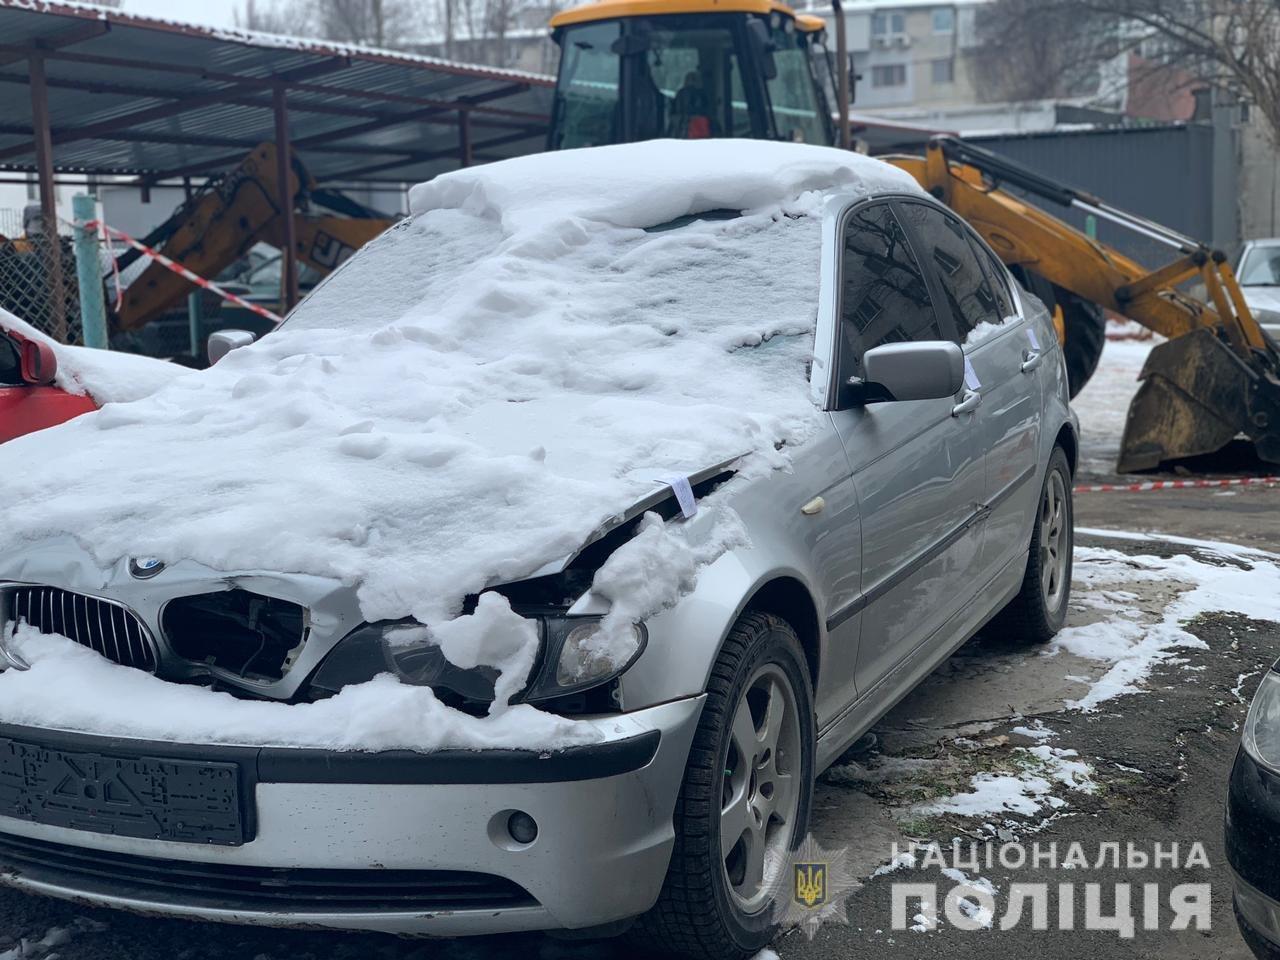 Одессит эвакуатором украл у жителя Николаева BMW и продал его, - ФОТО, фото-1